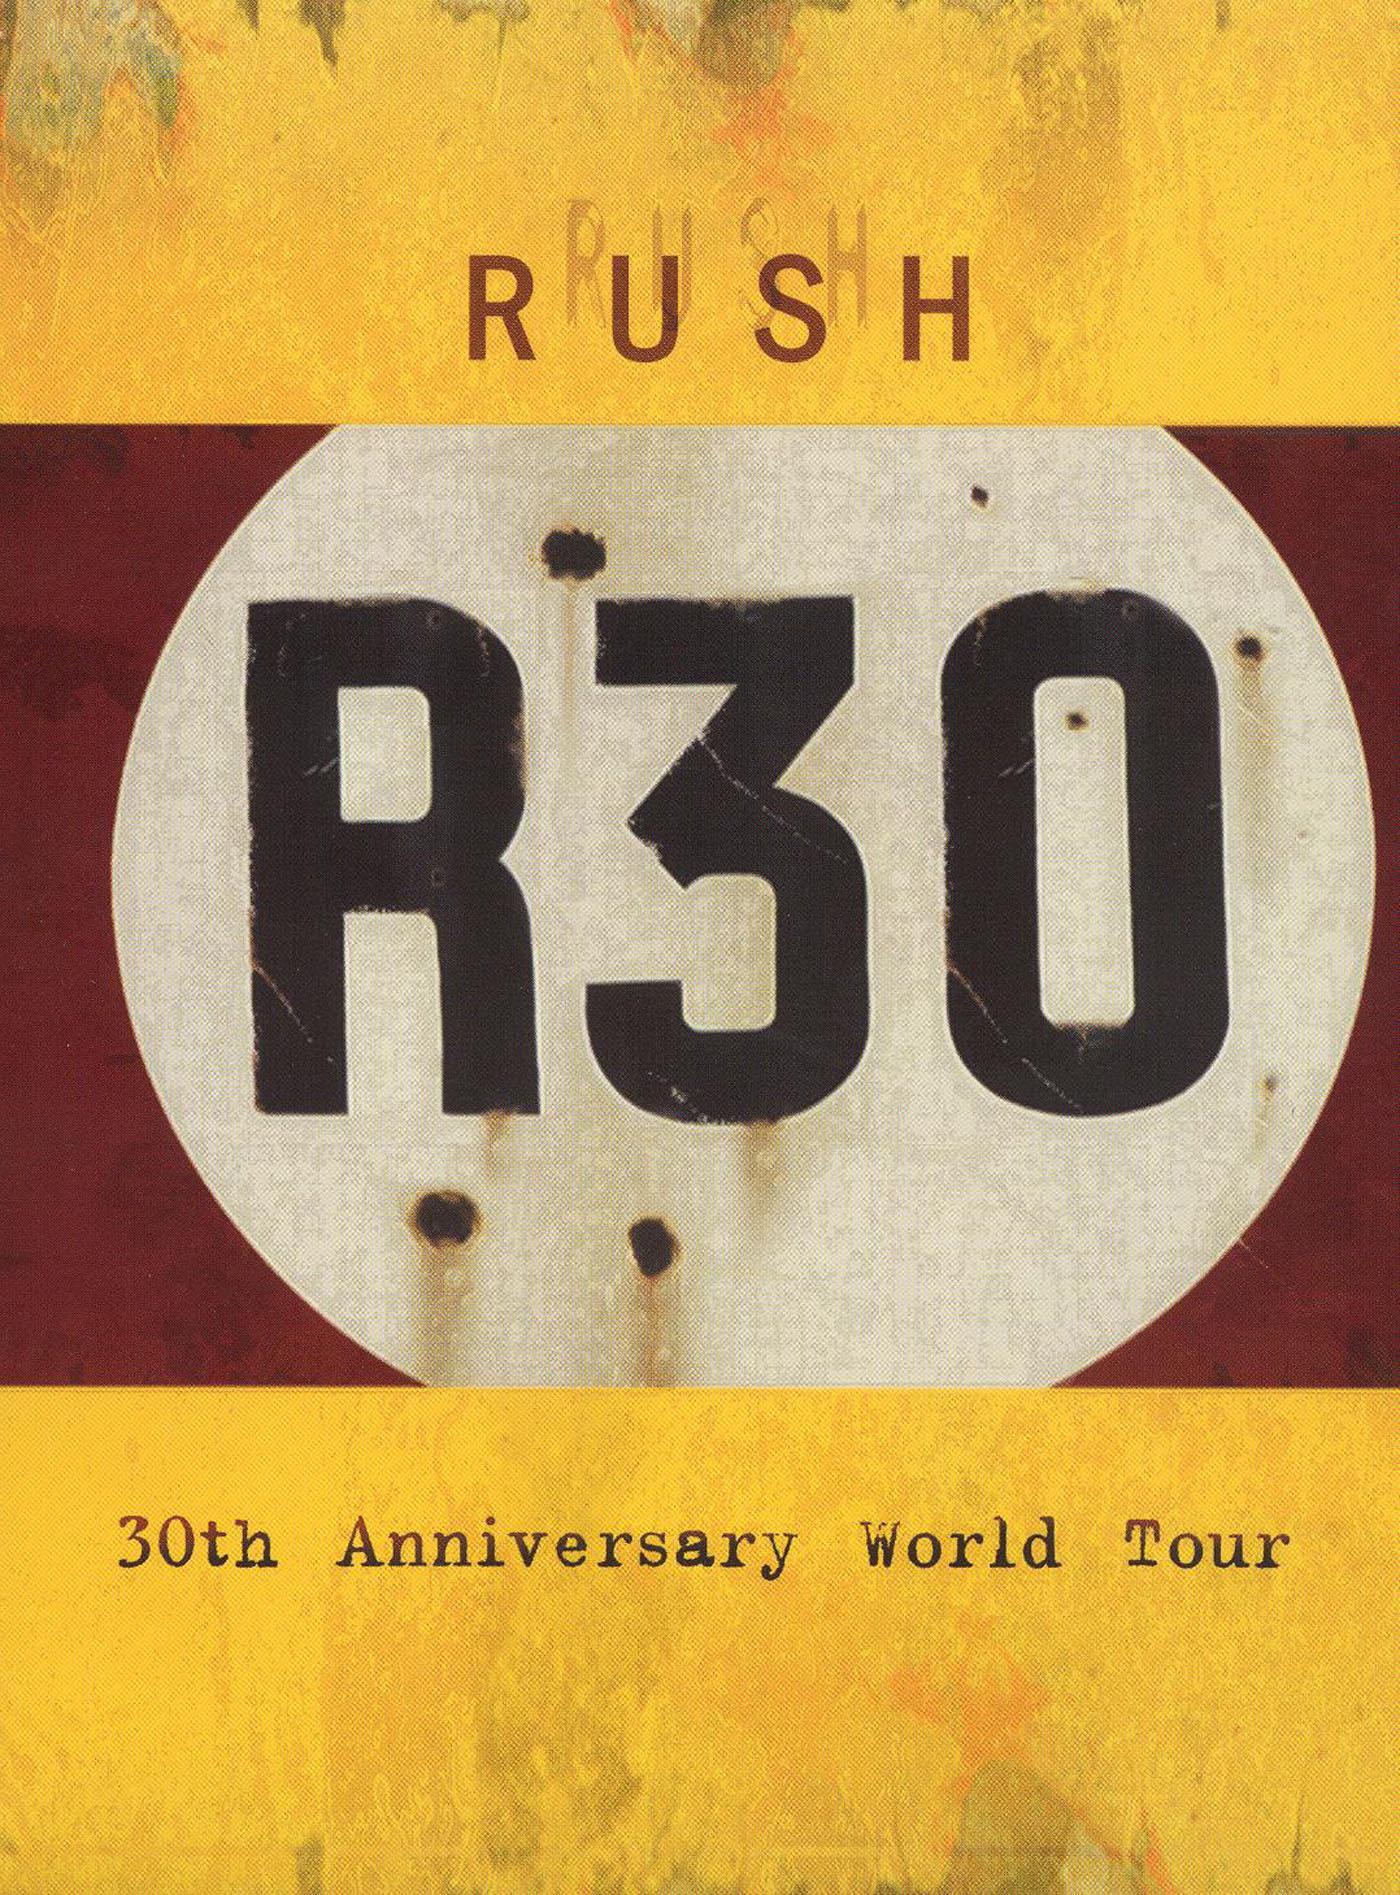 Rush: R30 - 30th Anniversary World Tour